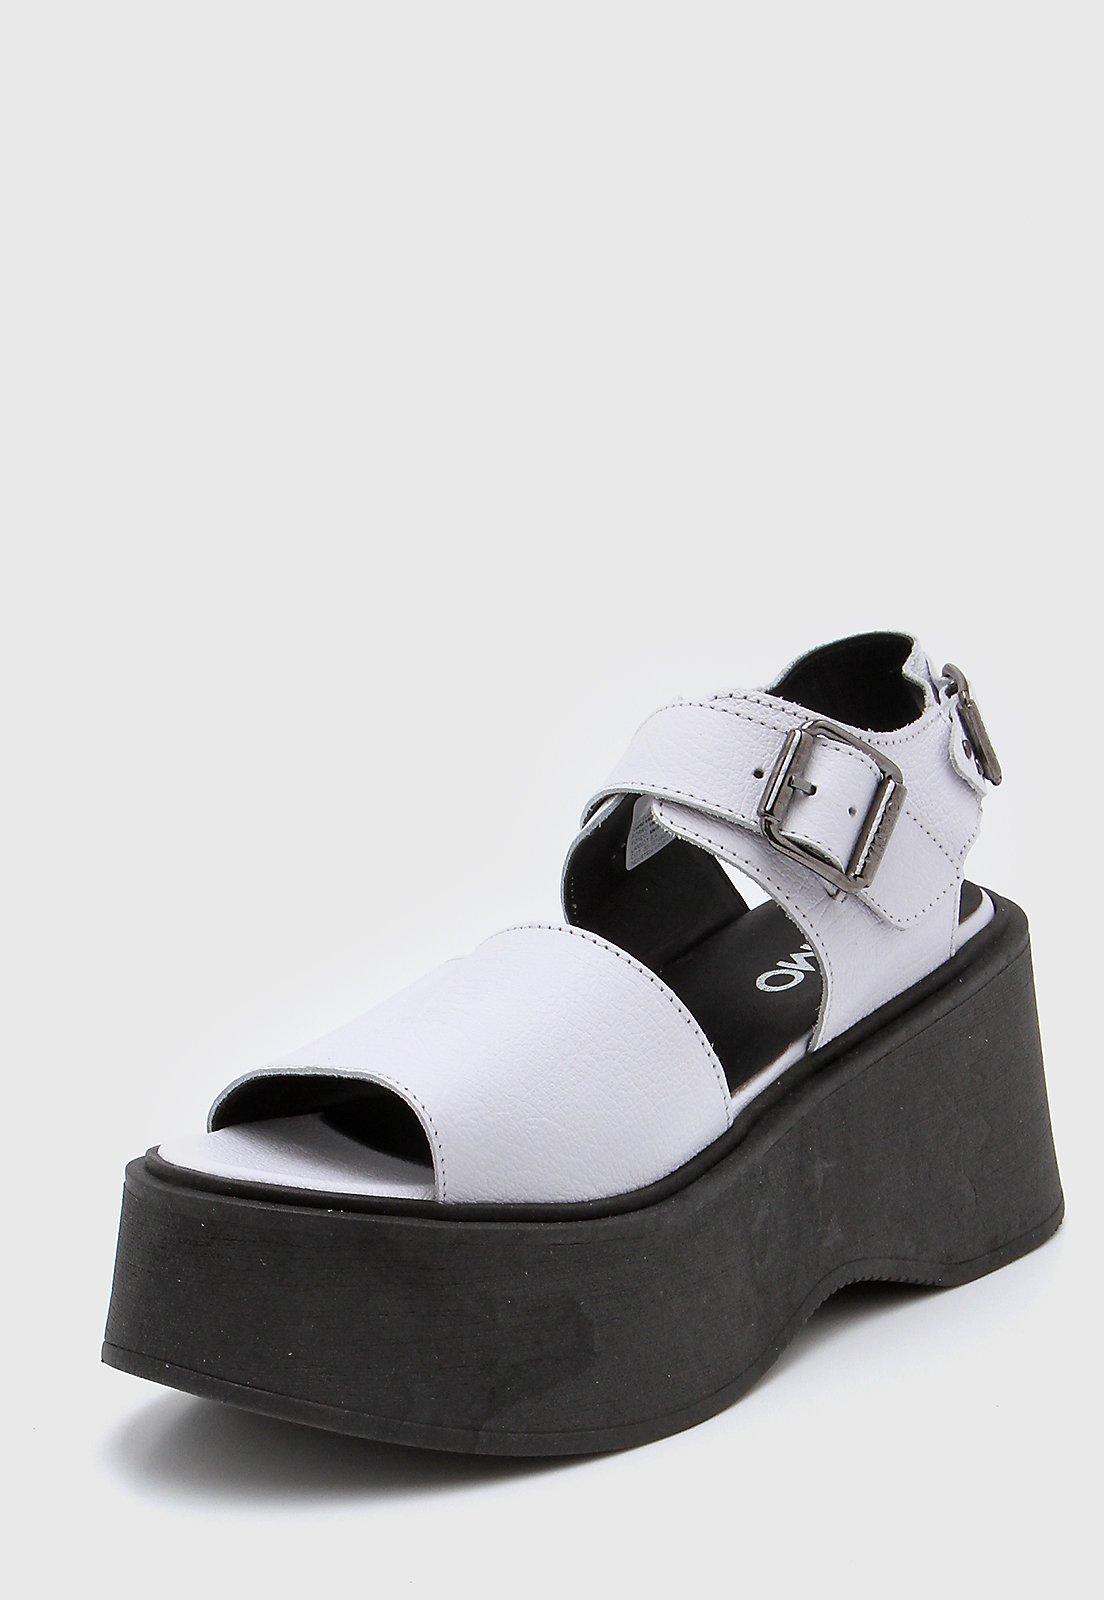 Sandalia de Cuero Blanca Viamo Narciso